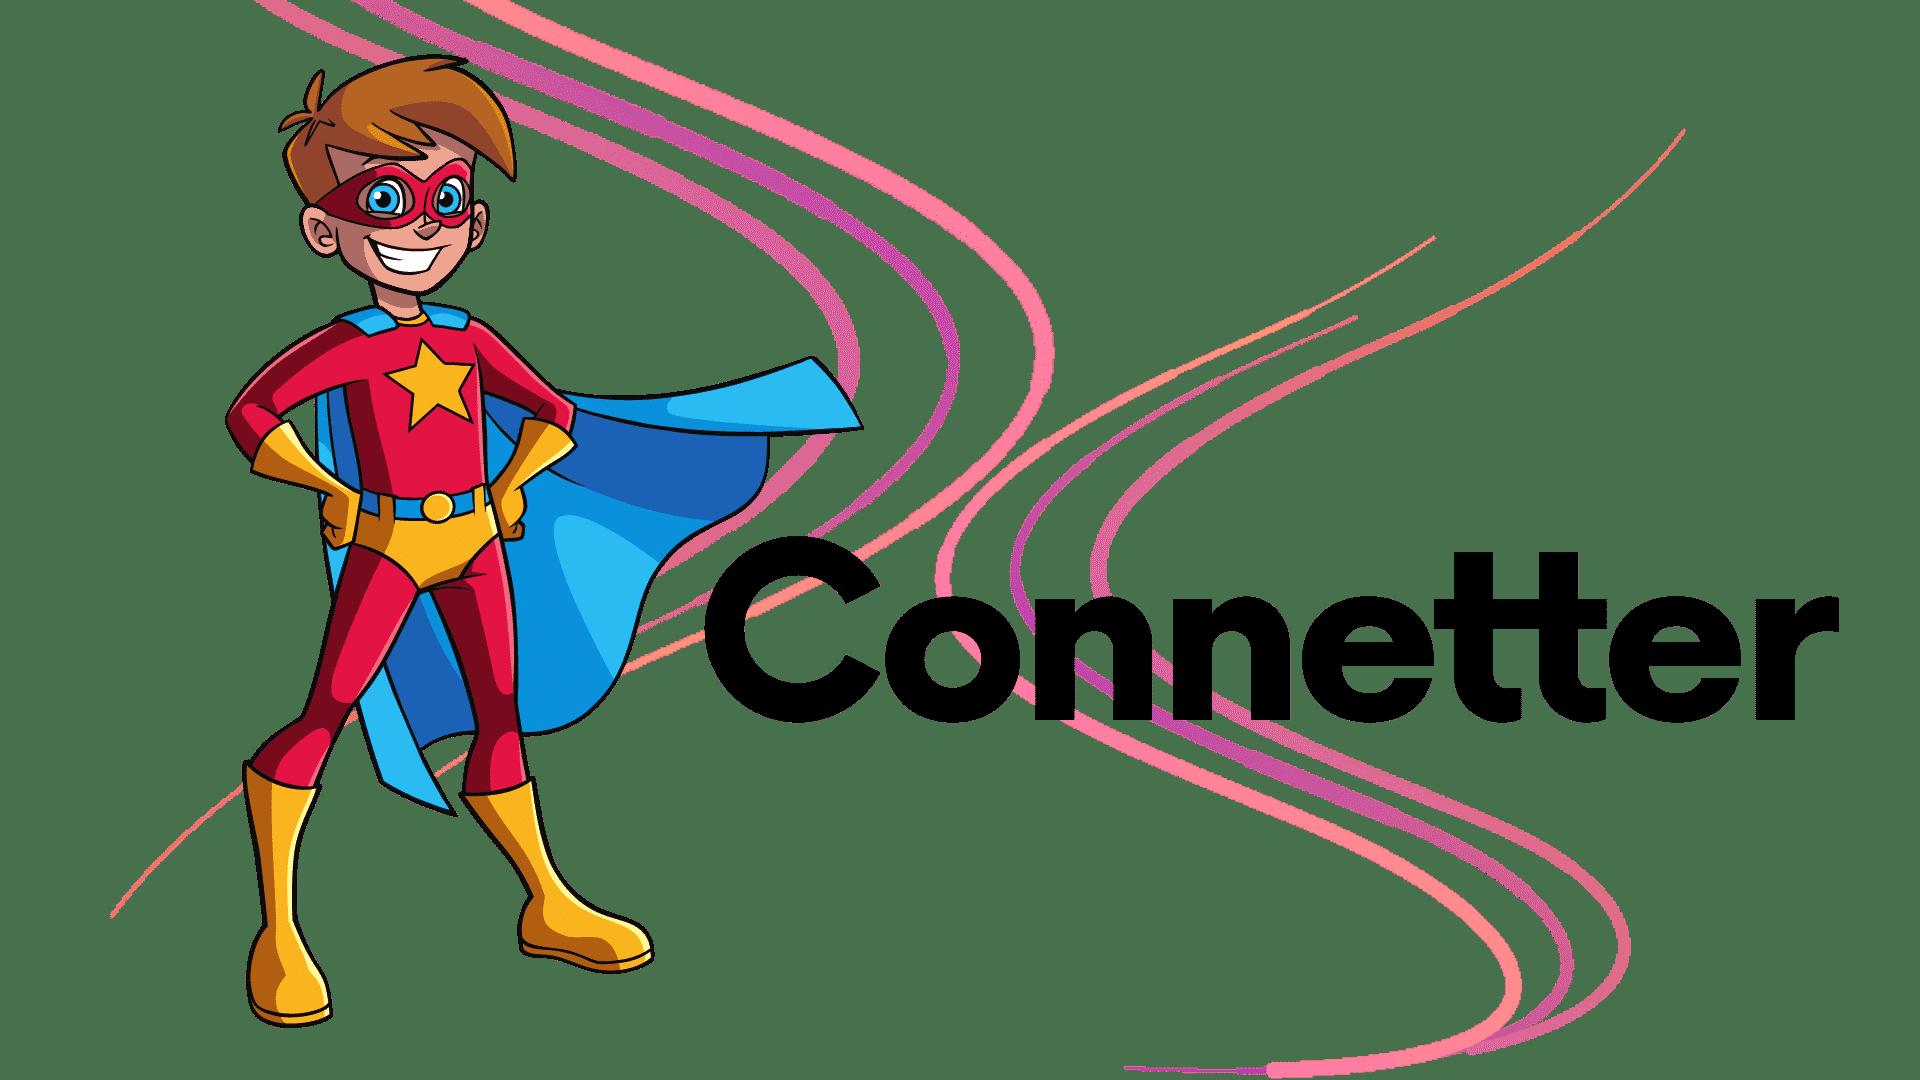 Connetter